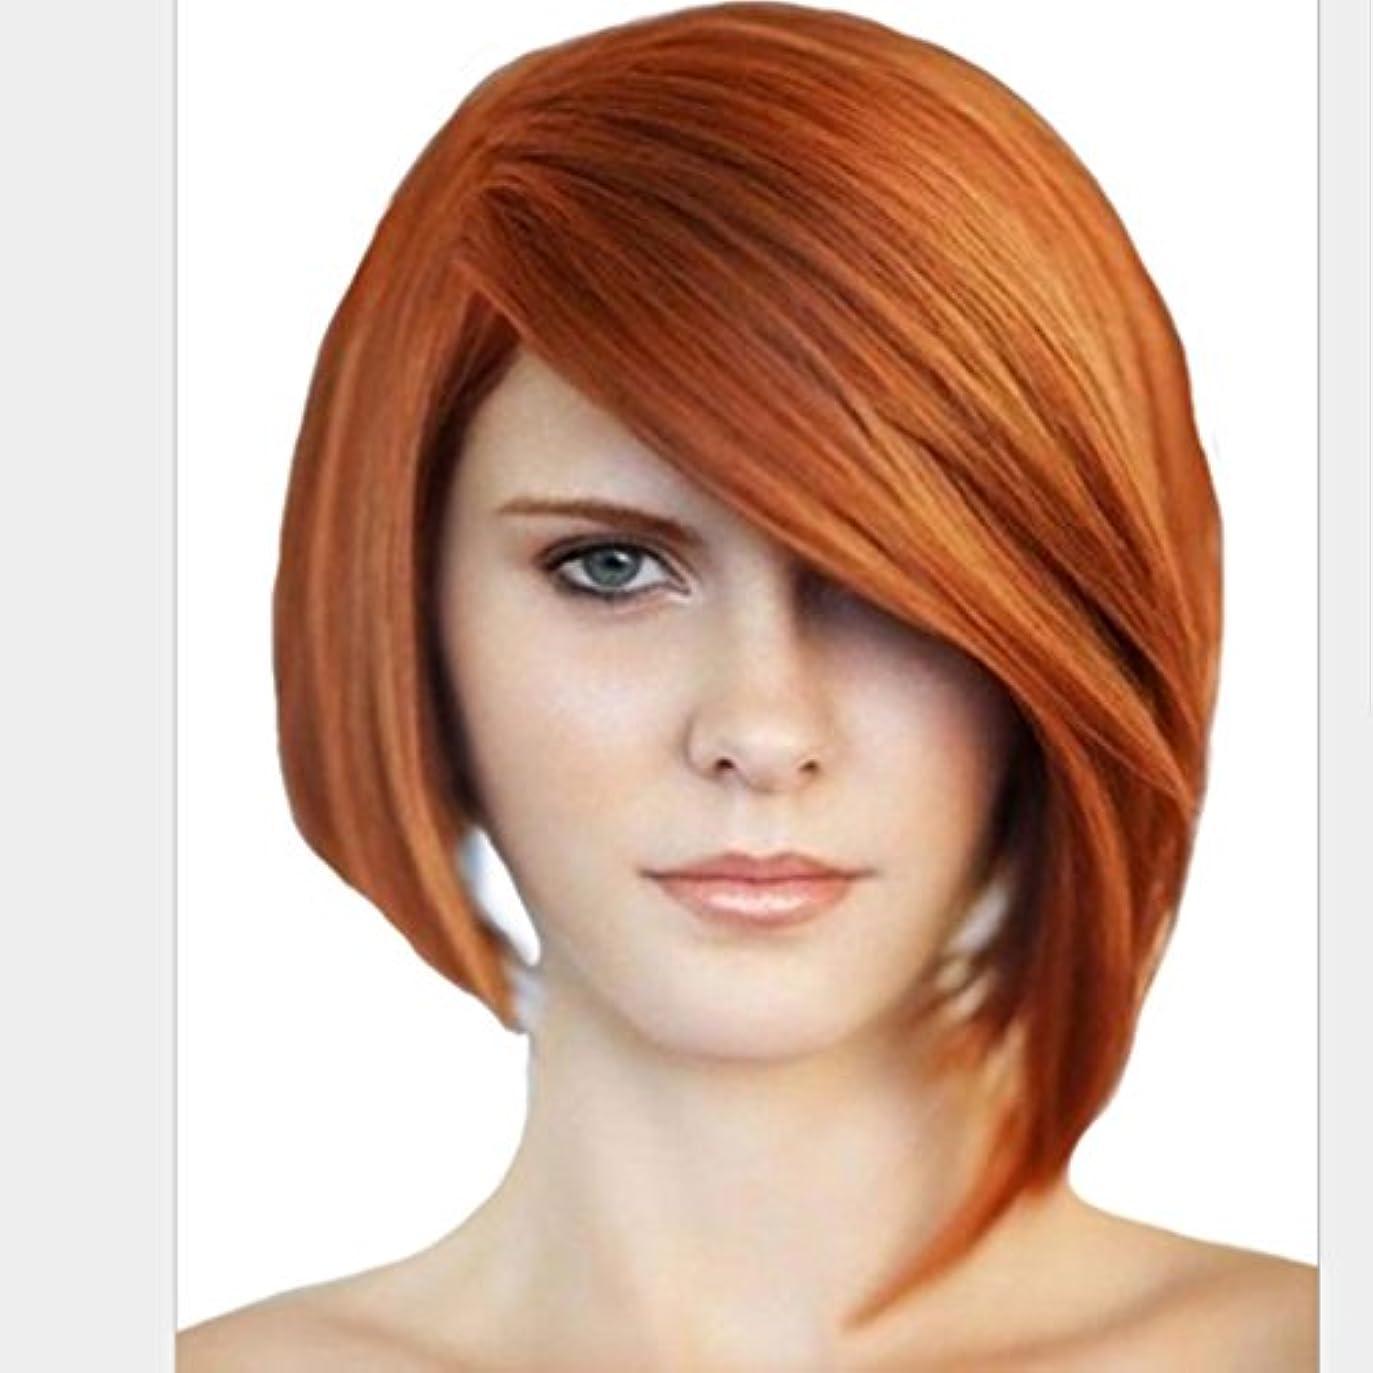 歌アンケート頂点JIANFU 女性のための化学繊維のゴールドウィッグ斜めのバゲットとショートストレートヘアヘアホワイトヘッド女性のための8センチメートルの抵抗のウィッグ (Color : 金色)